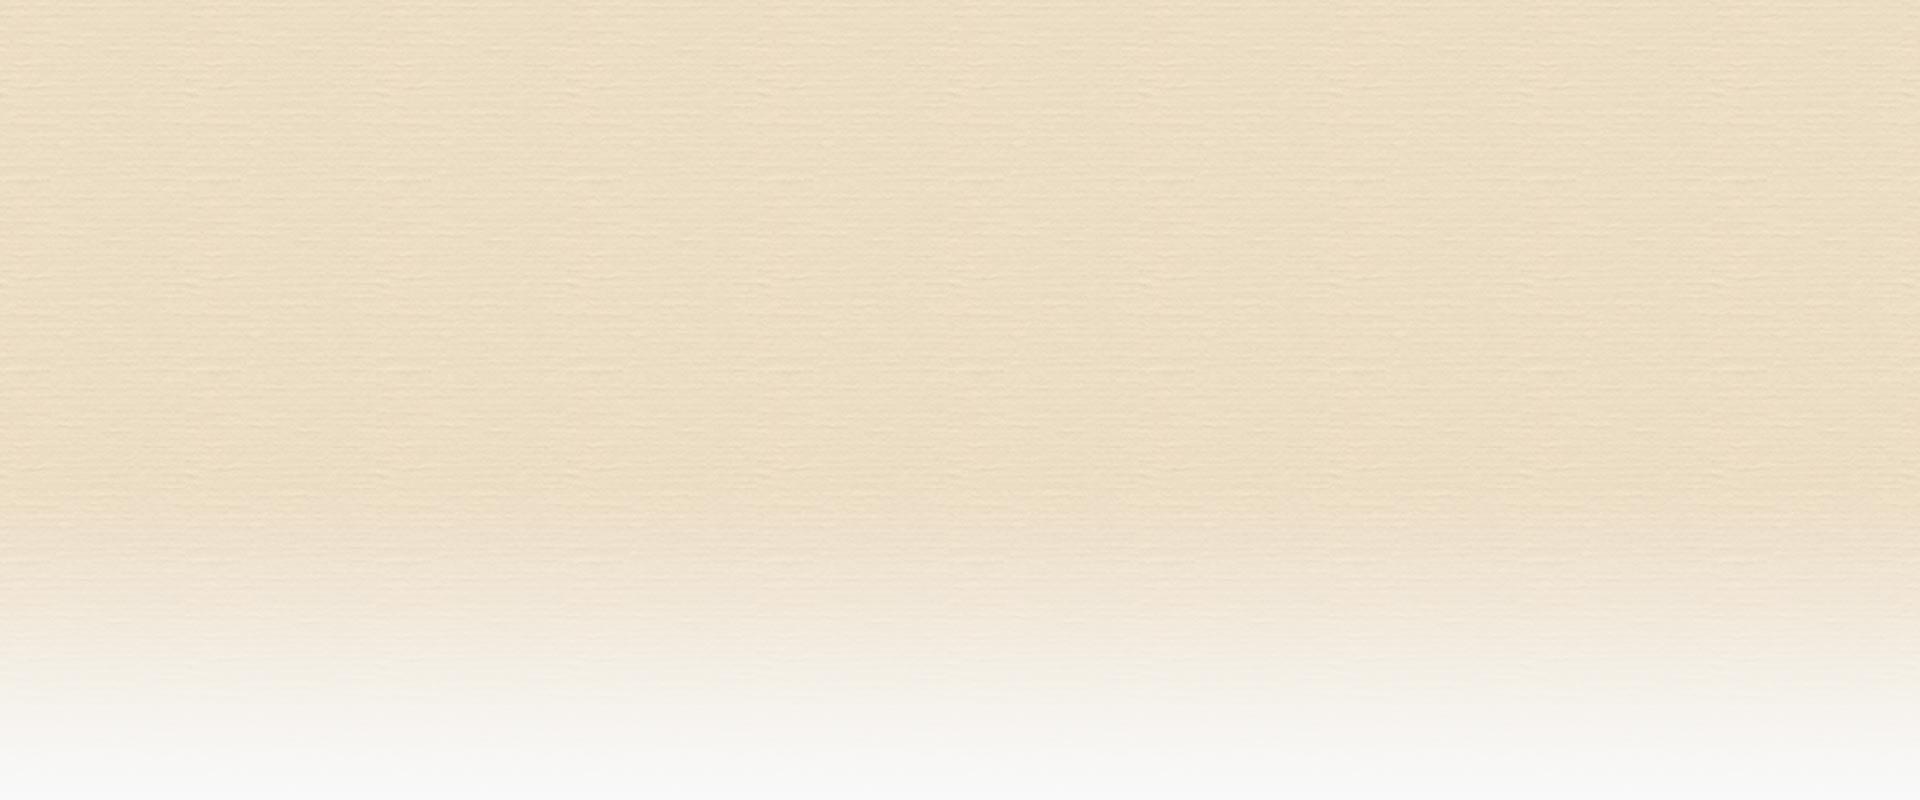 والپیپر زرد کلبه هنر - فروشگاه اینترنتی کلبه هنر